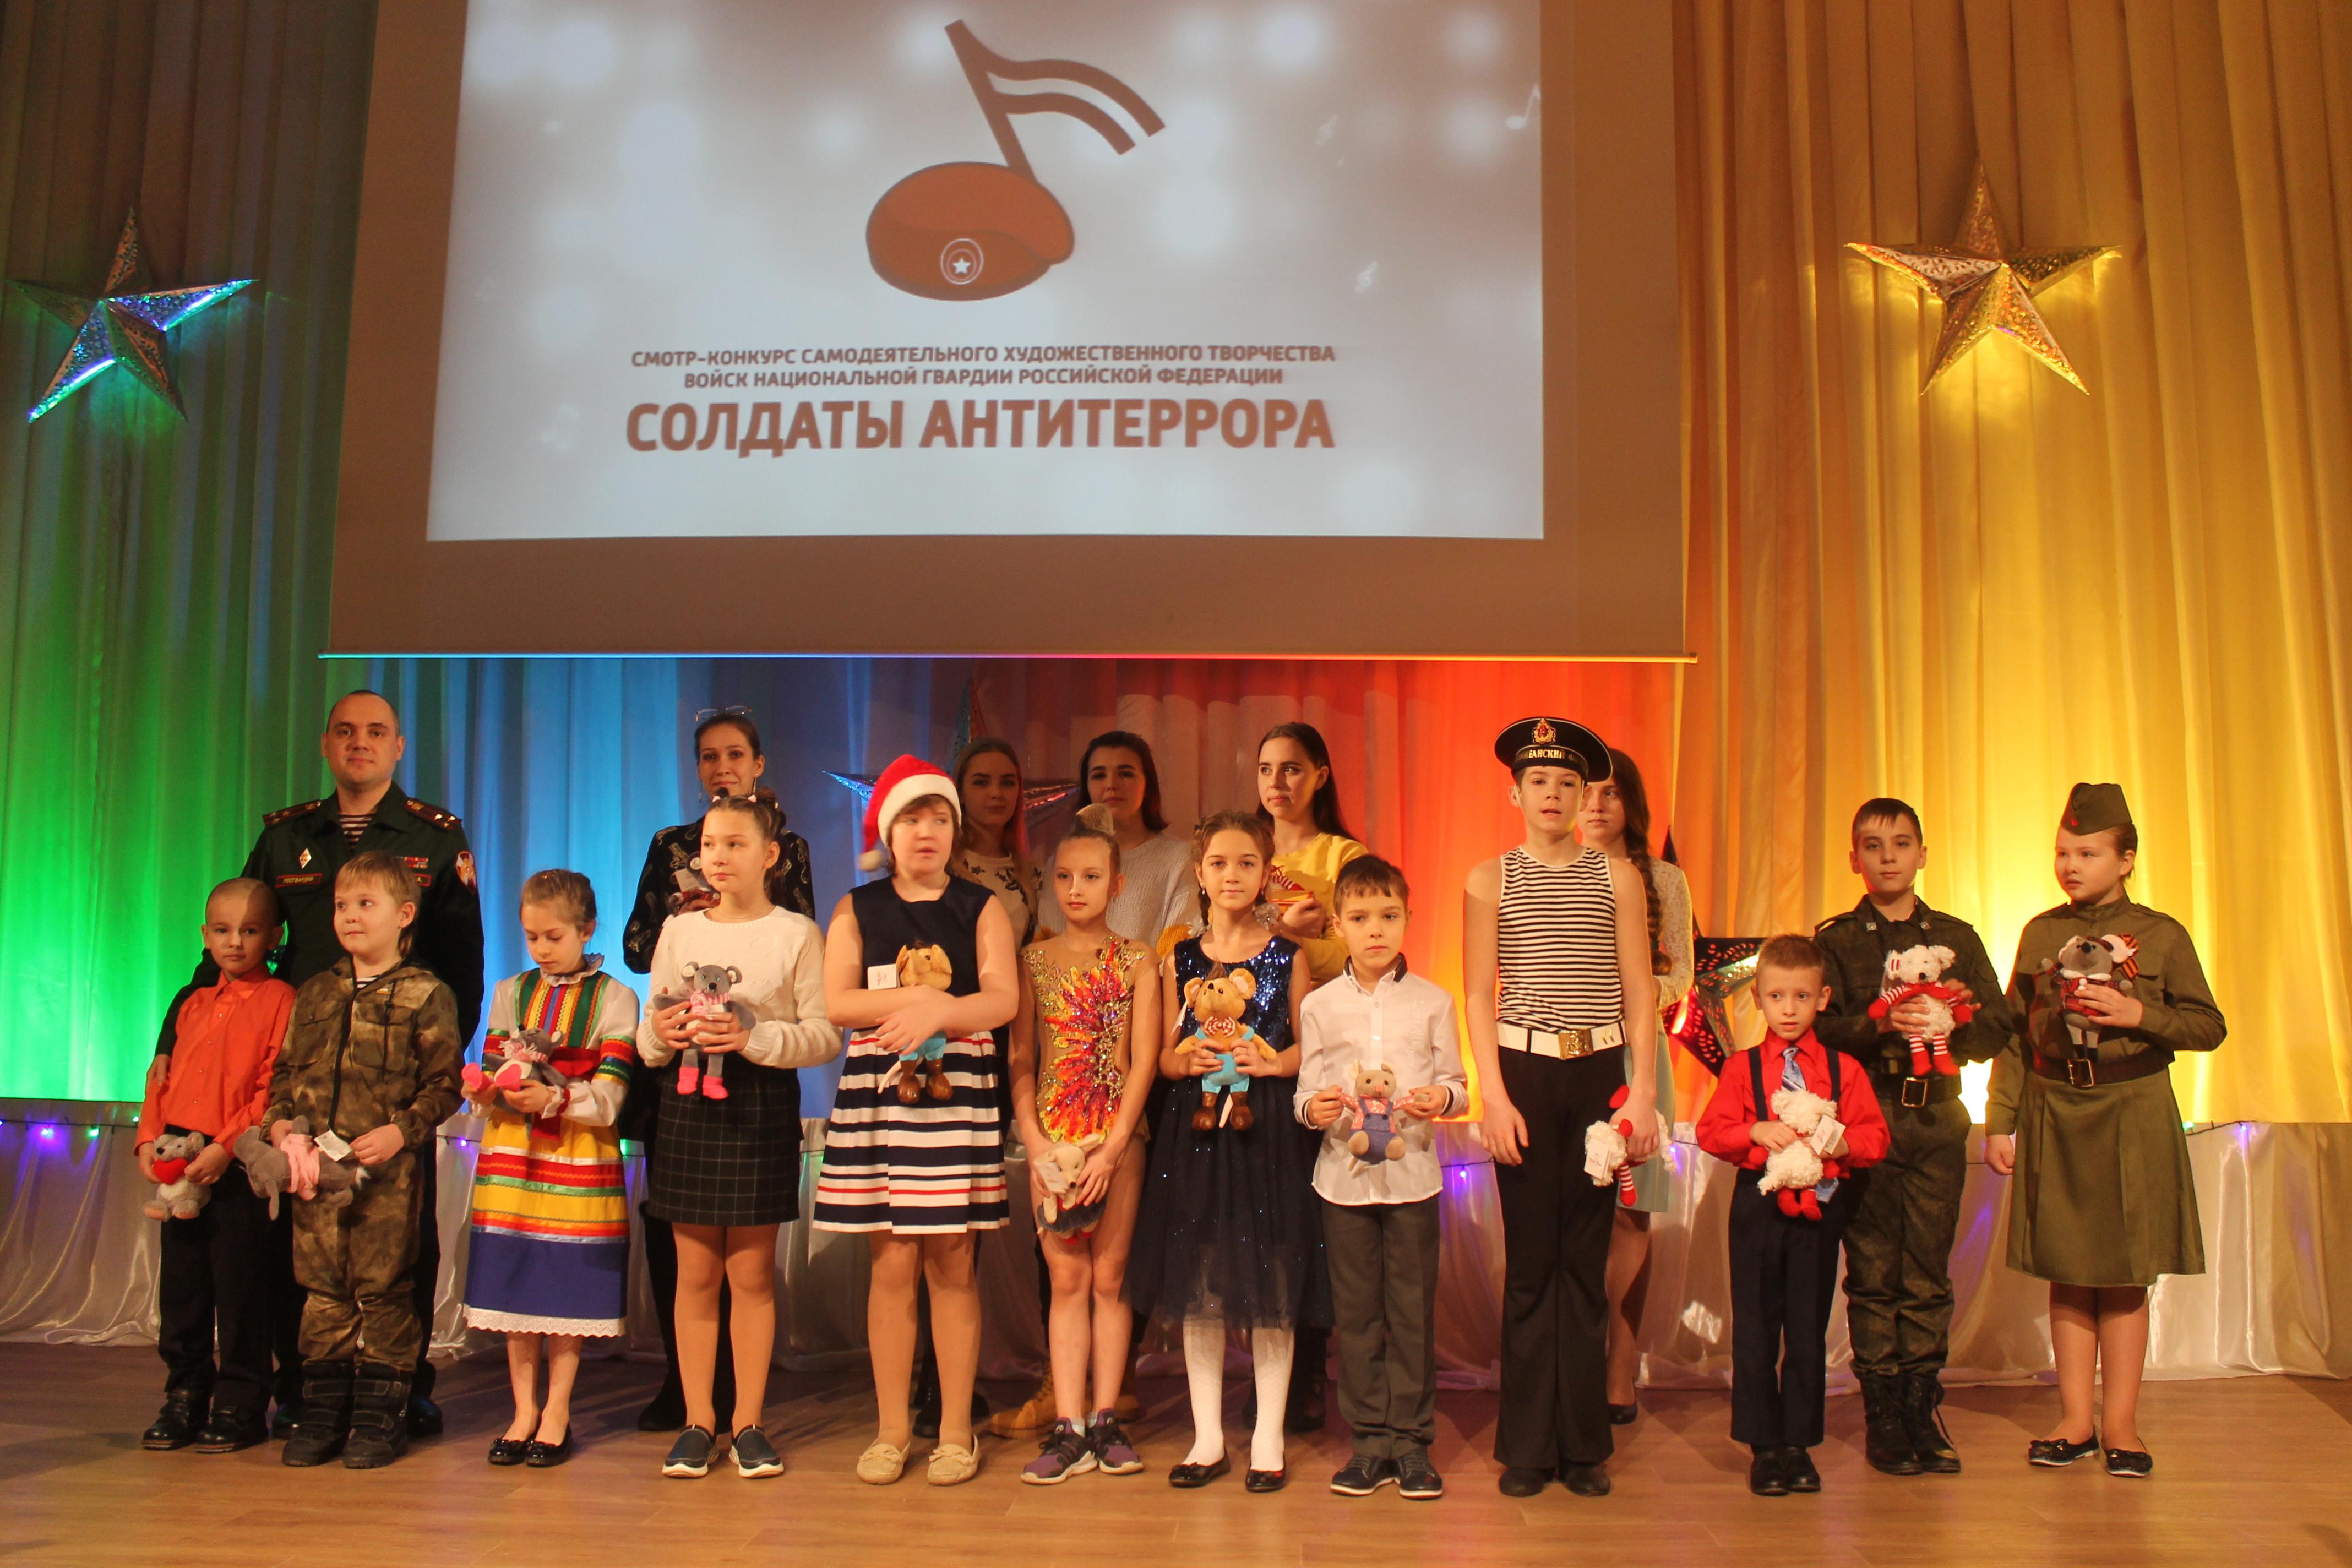 В дивизии Сибирского округа Росгвардии прошел конкурс самодеятельного художественного творчества «Солдаты антитеррора»